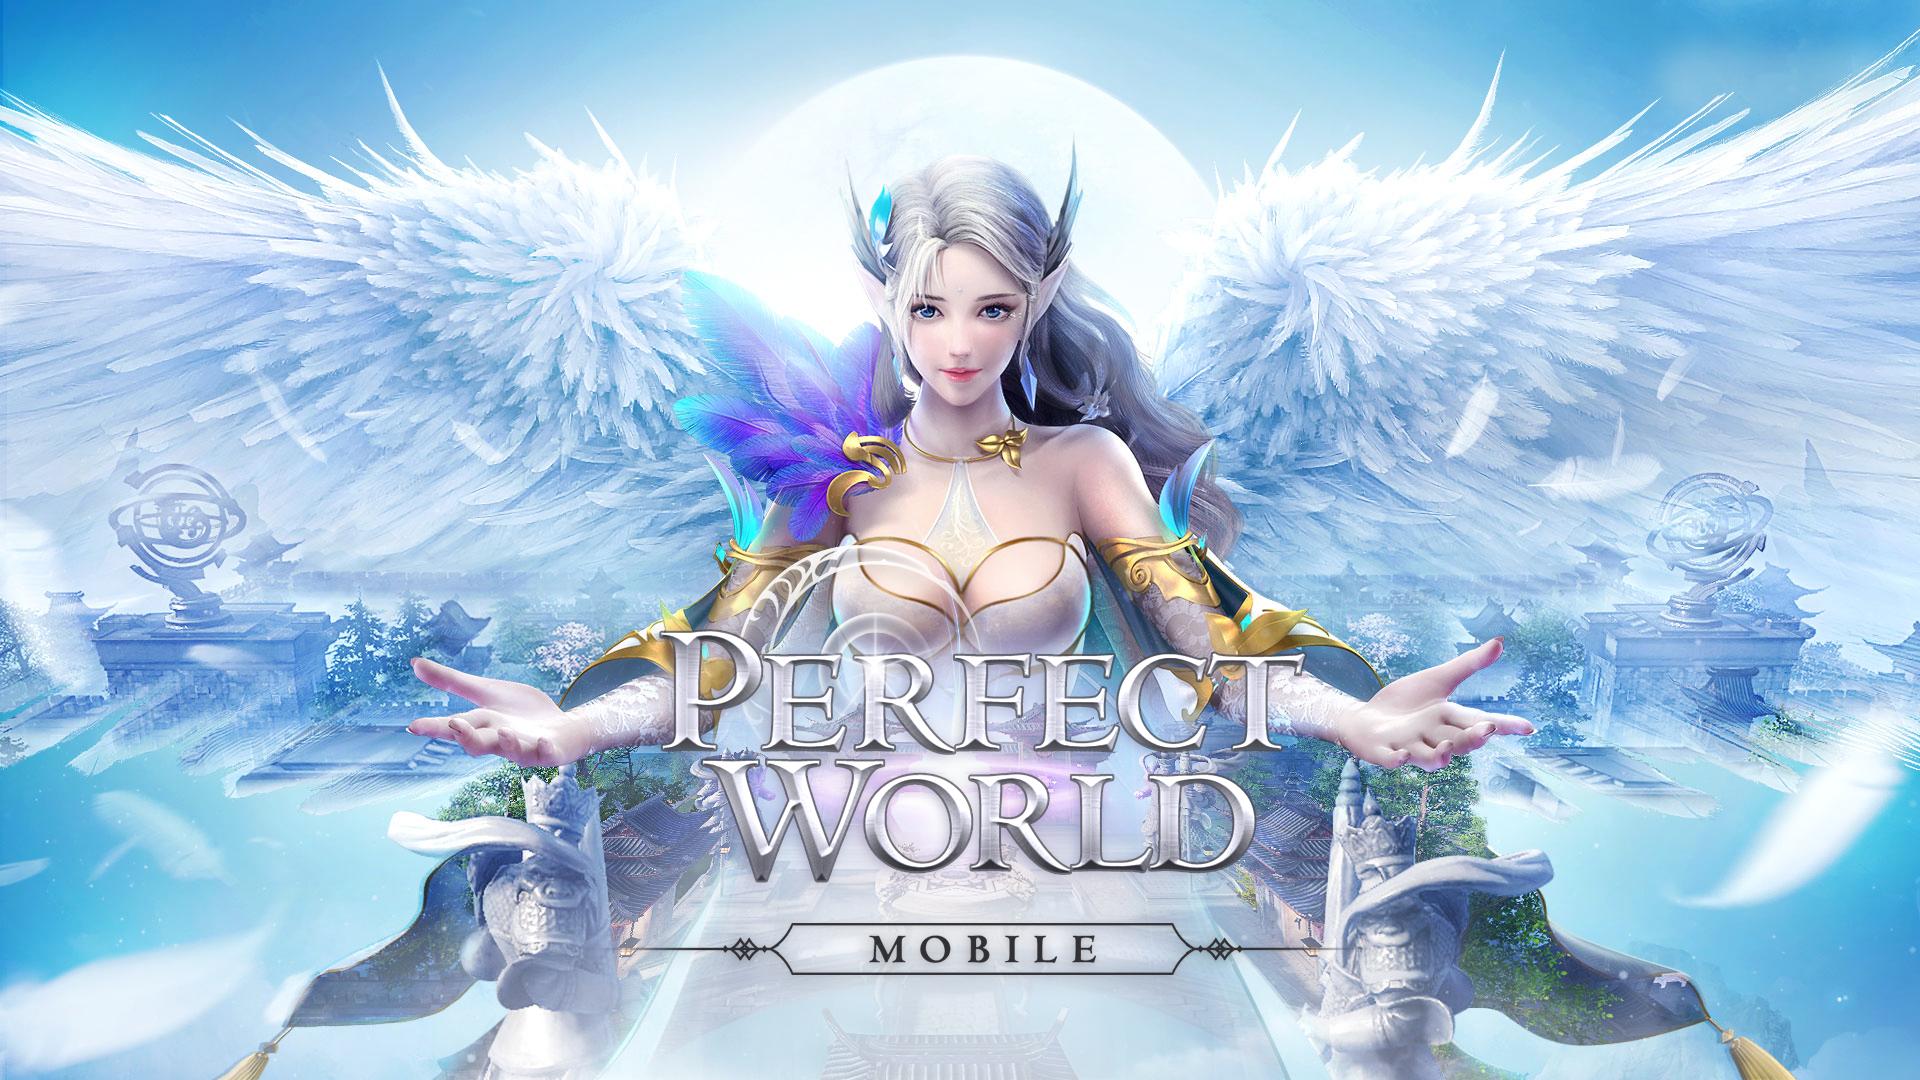 Perfect World VNG - Thế Giới Hoàn Mỹ Mobile chuẩn bị ra mắt game thủ Việt